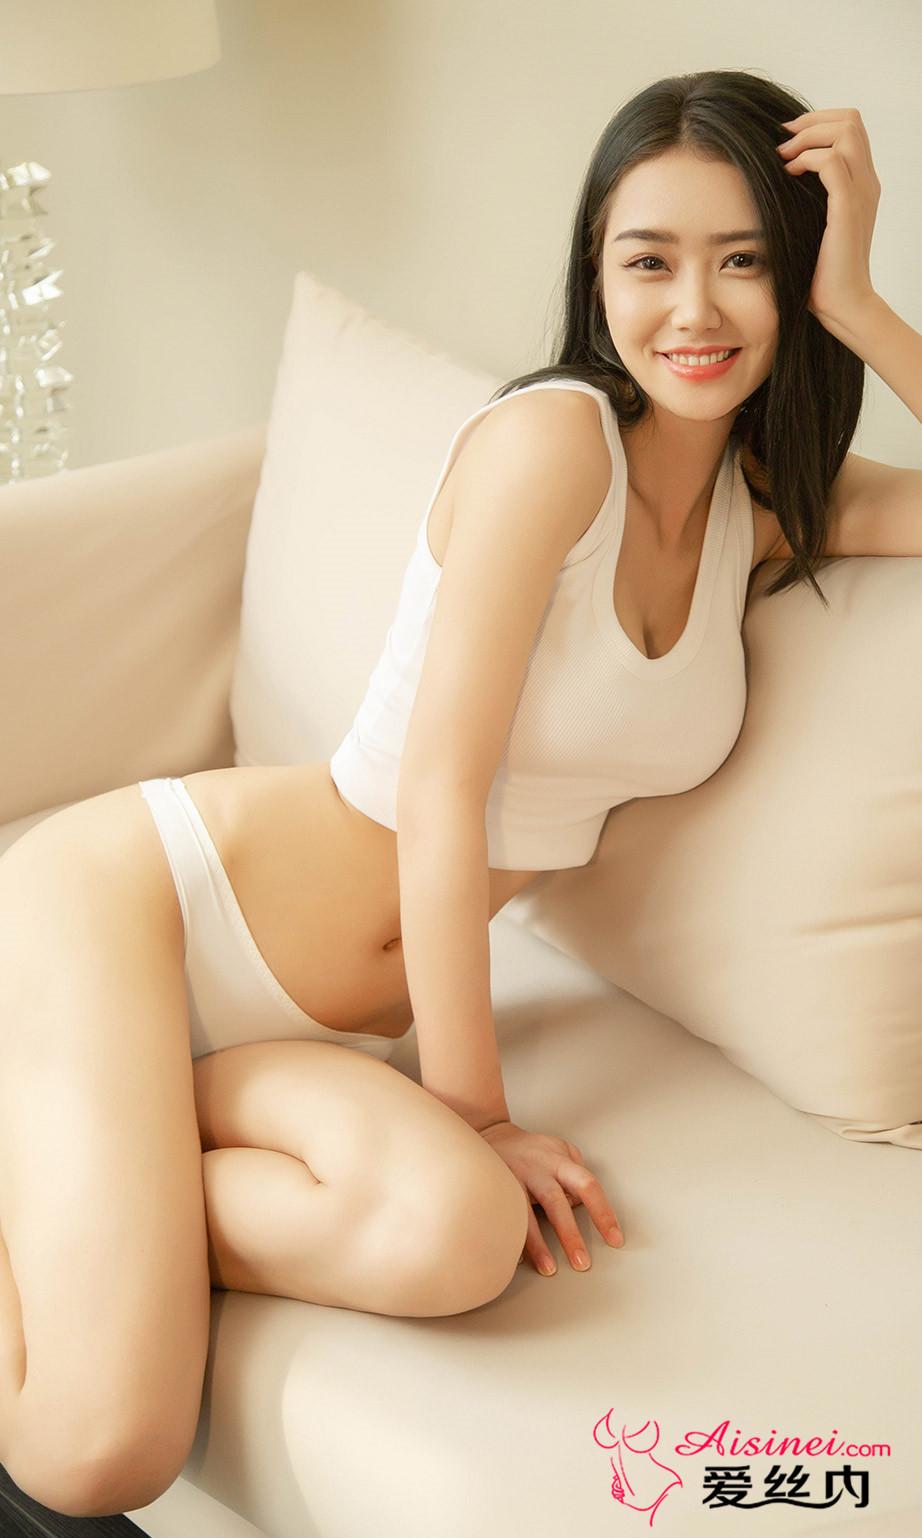 Fang Zi Xuan 方子萱